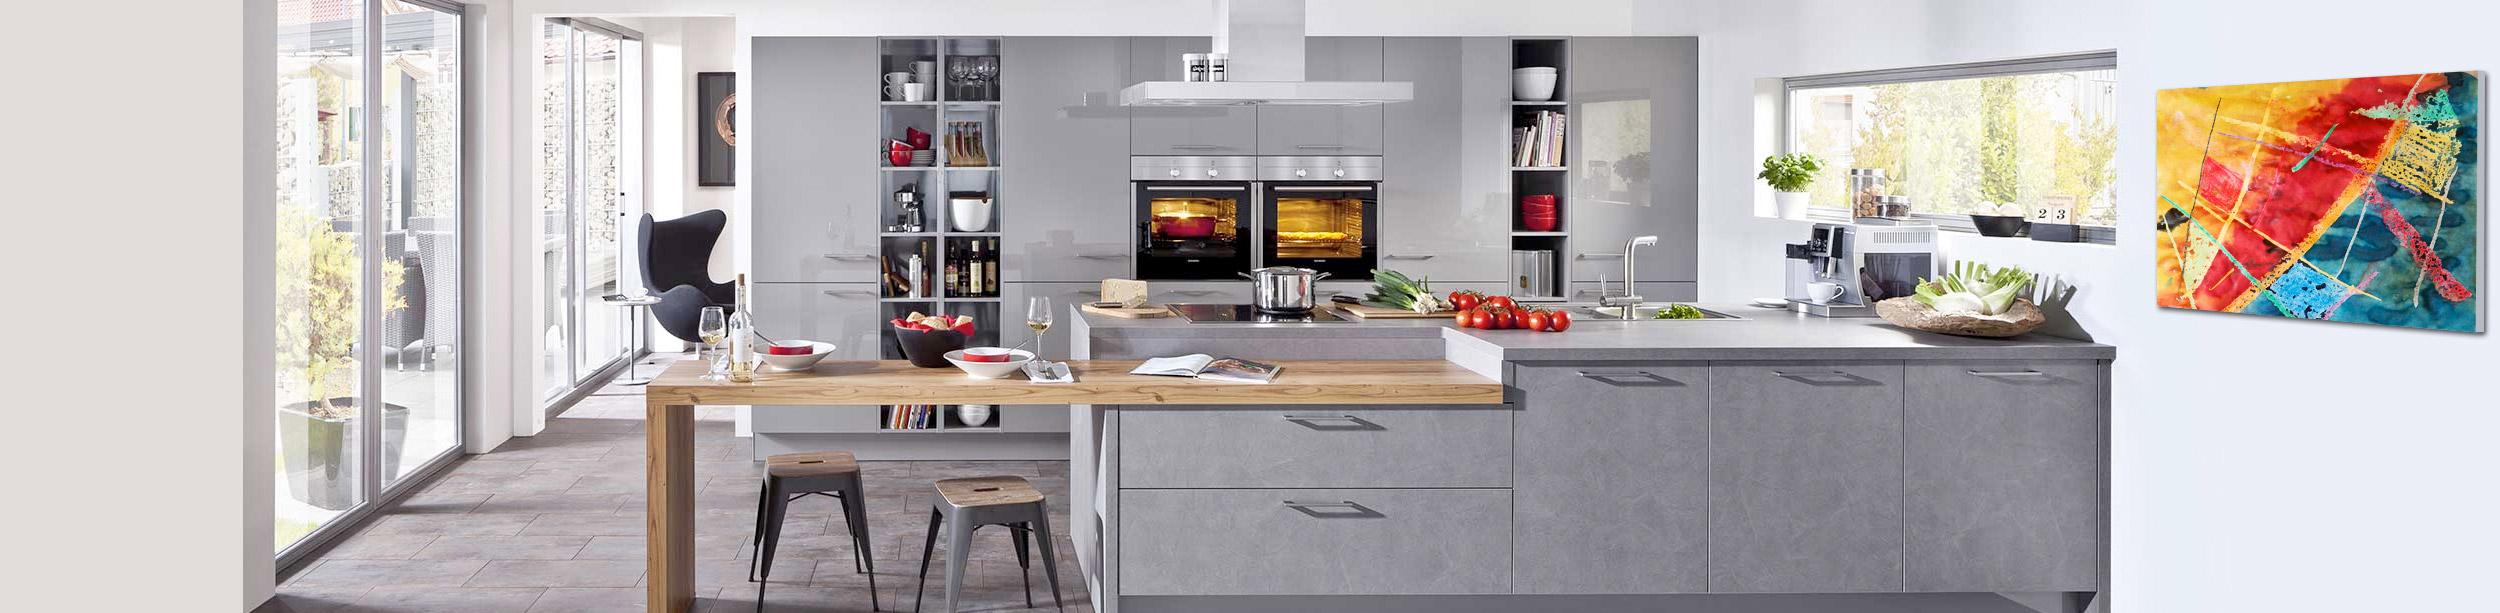 Küchen, Einbaugeräte und Zubehör